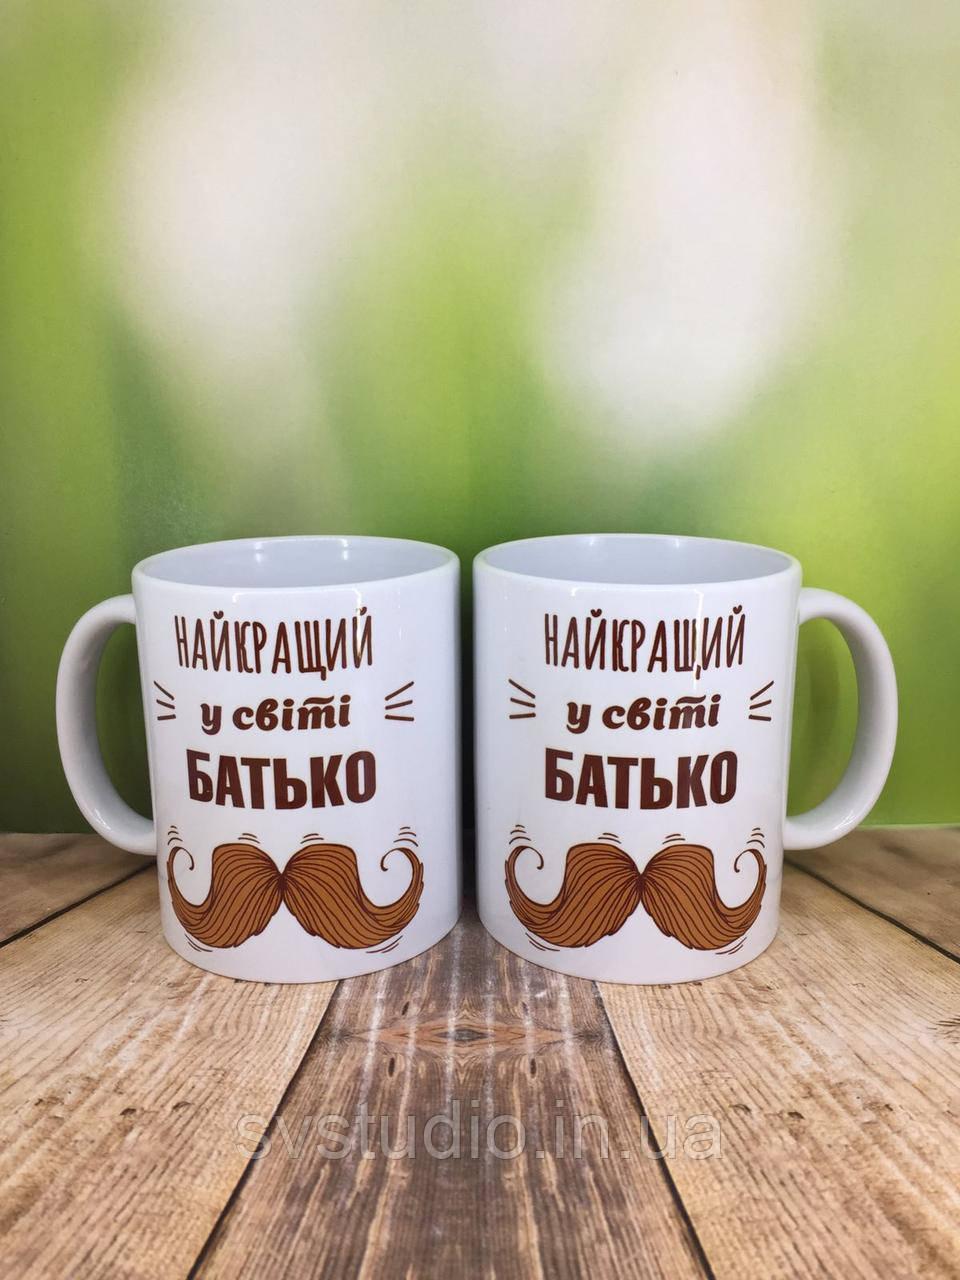 """Друк на чашках,Чашка """"Найкращий у світі батько"""""""